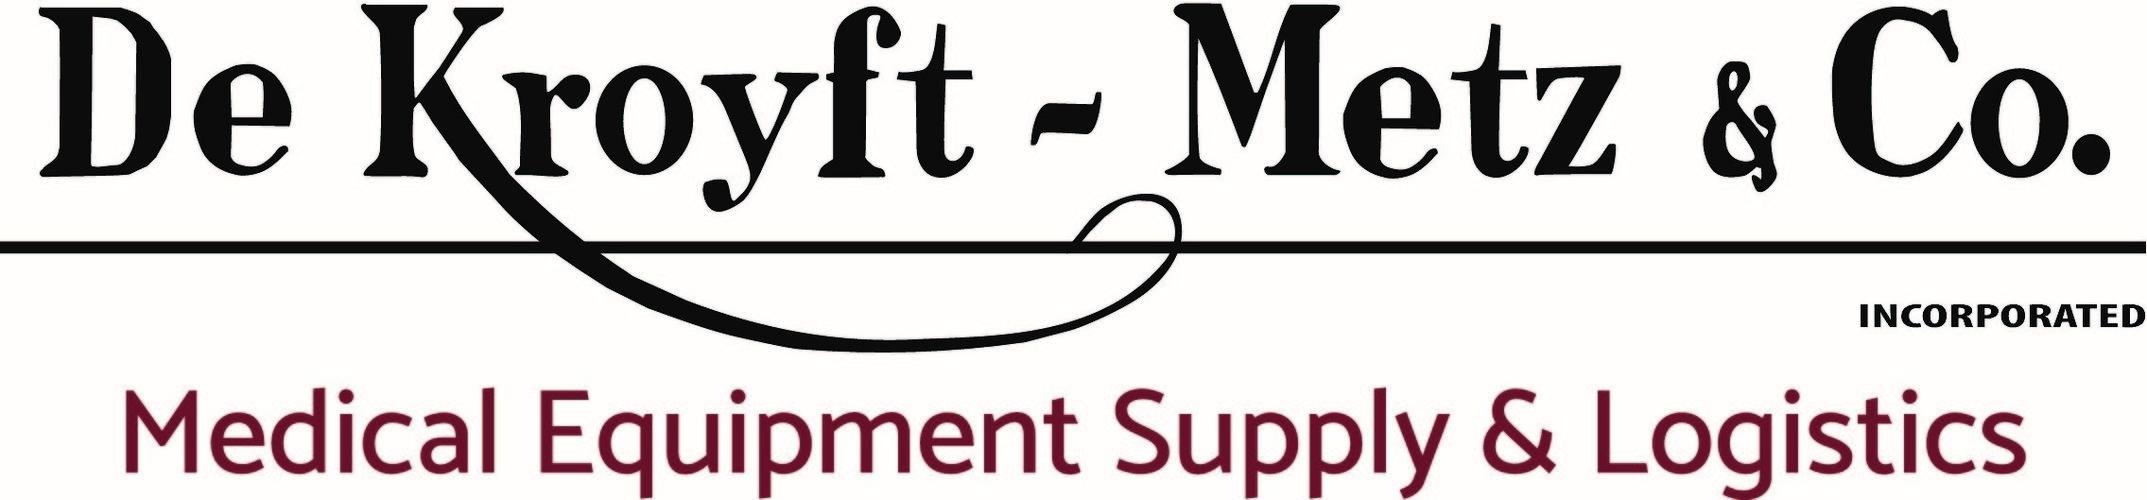 DeKroyft-Metz & Company, Inc.